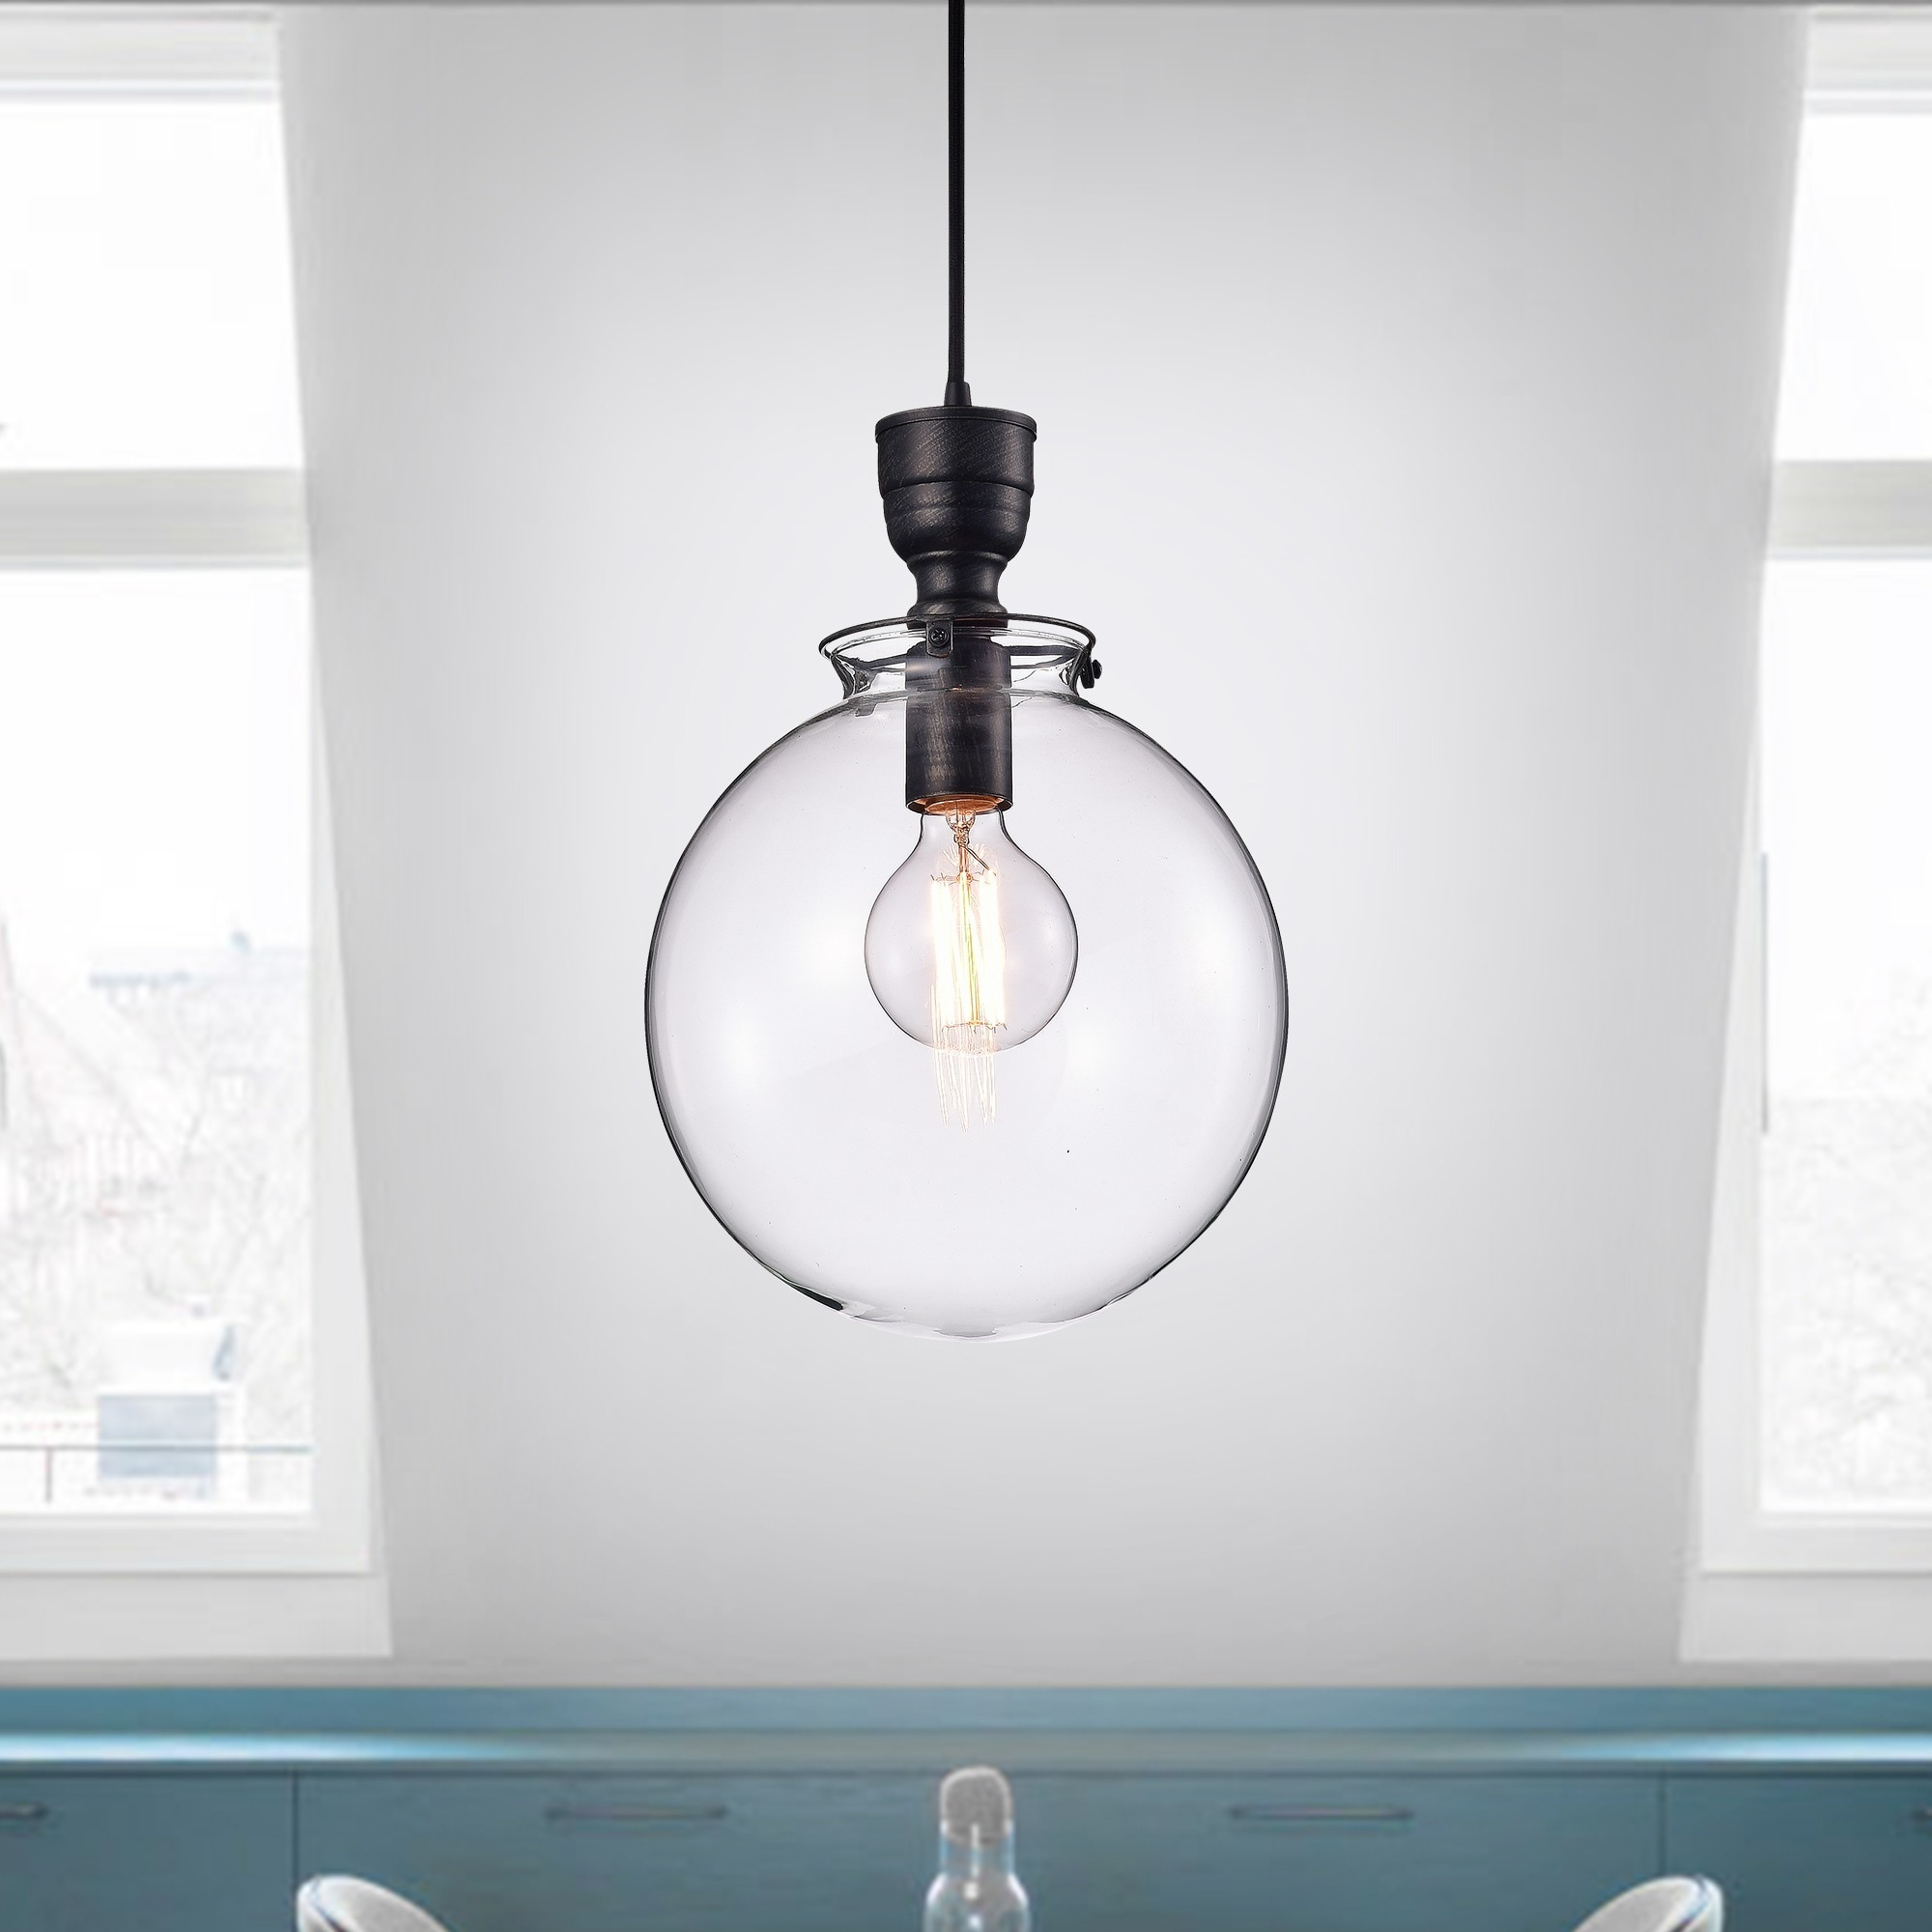 for wonderfull kitchen graceful glass examples islands ceilings of lights led lovely pendants elegant clear lighting light ceiling shade pendant new